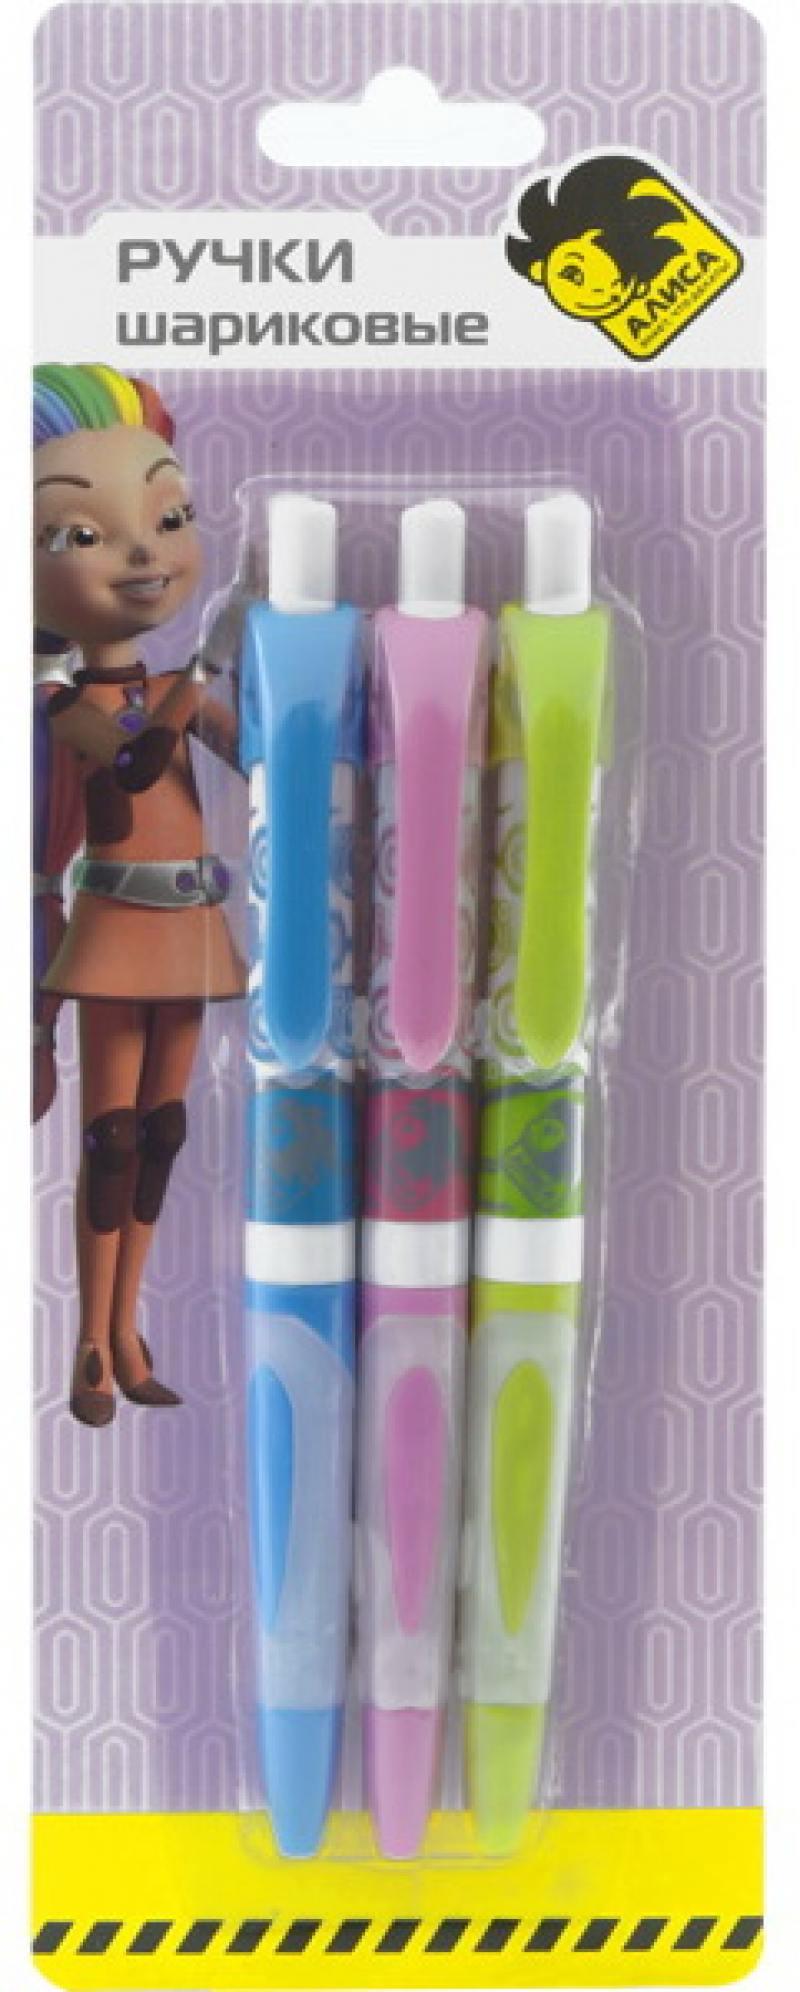 Набор шариковых ручек автоматическая Action! АЛИСА 3 шт синий AZ-ABP152/3 AZ-ABP152/3 набор шариковых ручек hauser grip well 3 шт